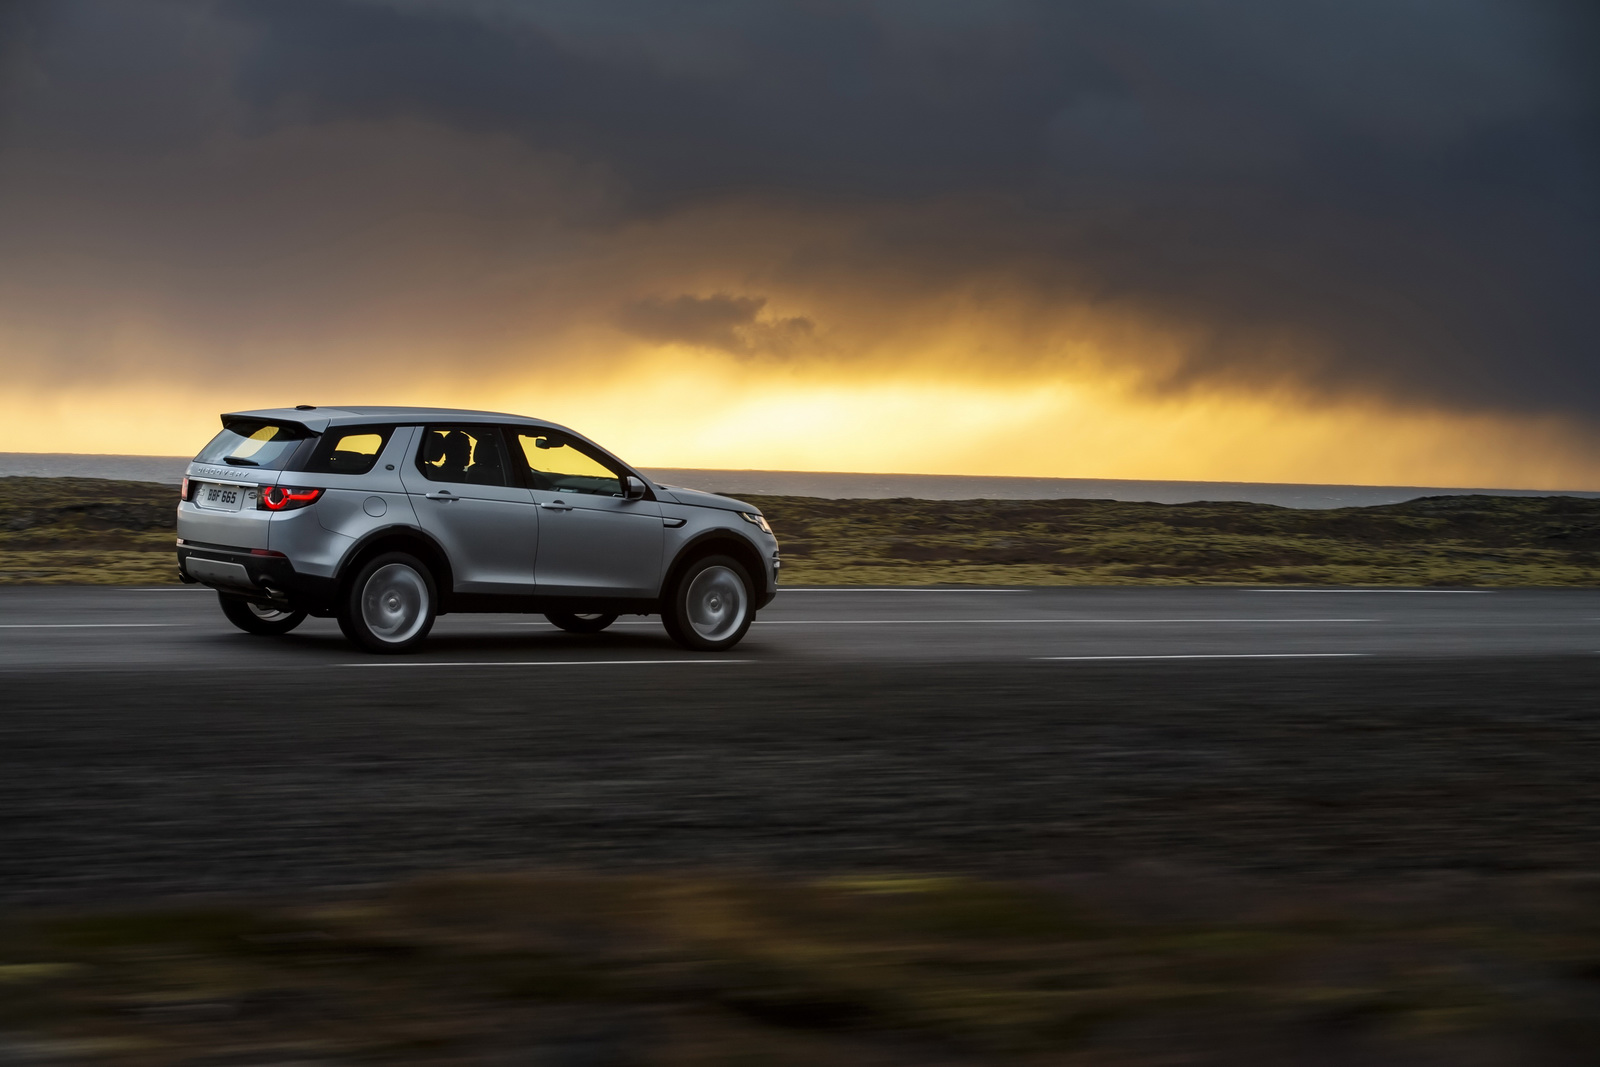 Motores Ingenium diésel de 150 y 180 CV ya disponibles para el Land Rover Discovery Sport 1